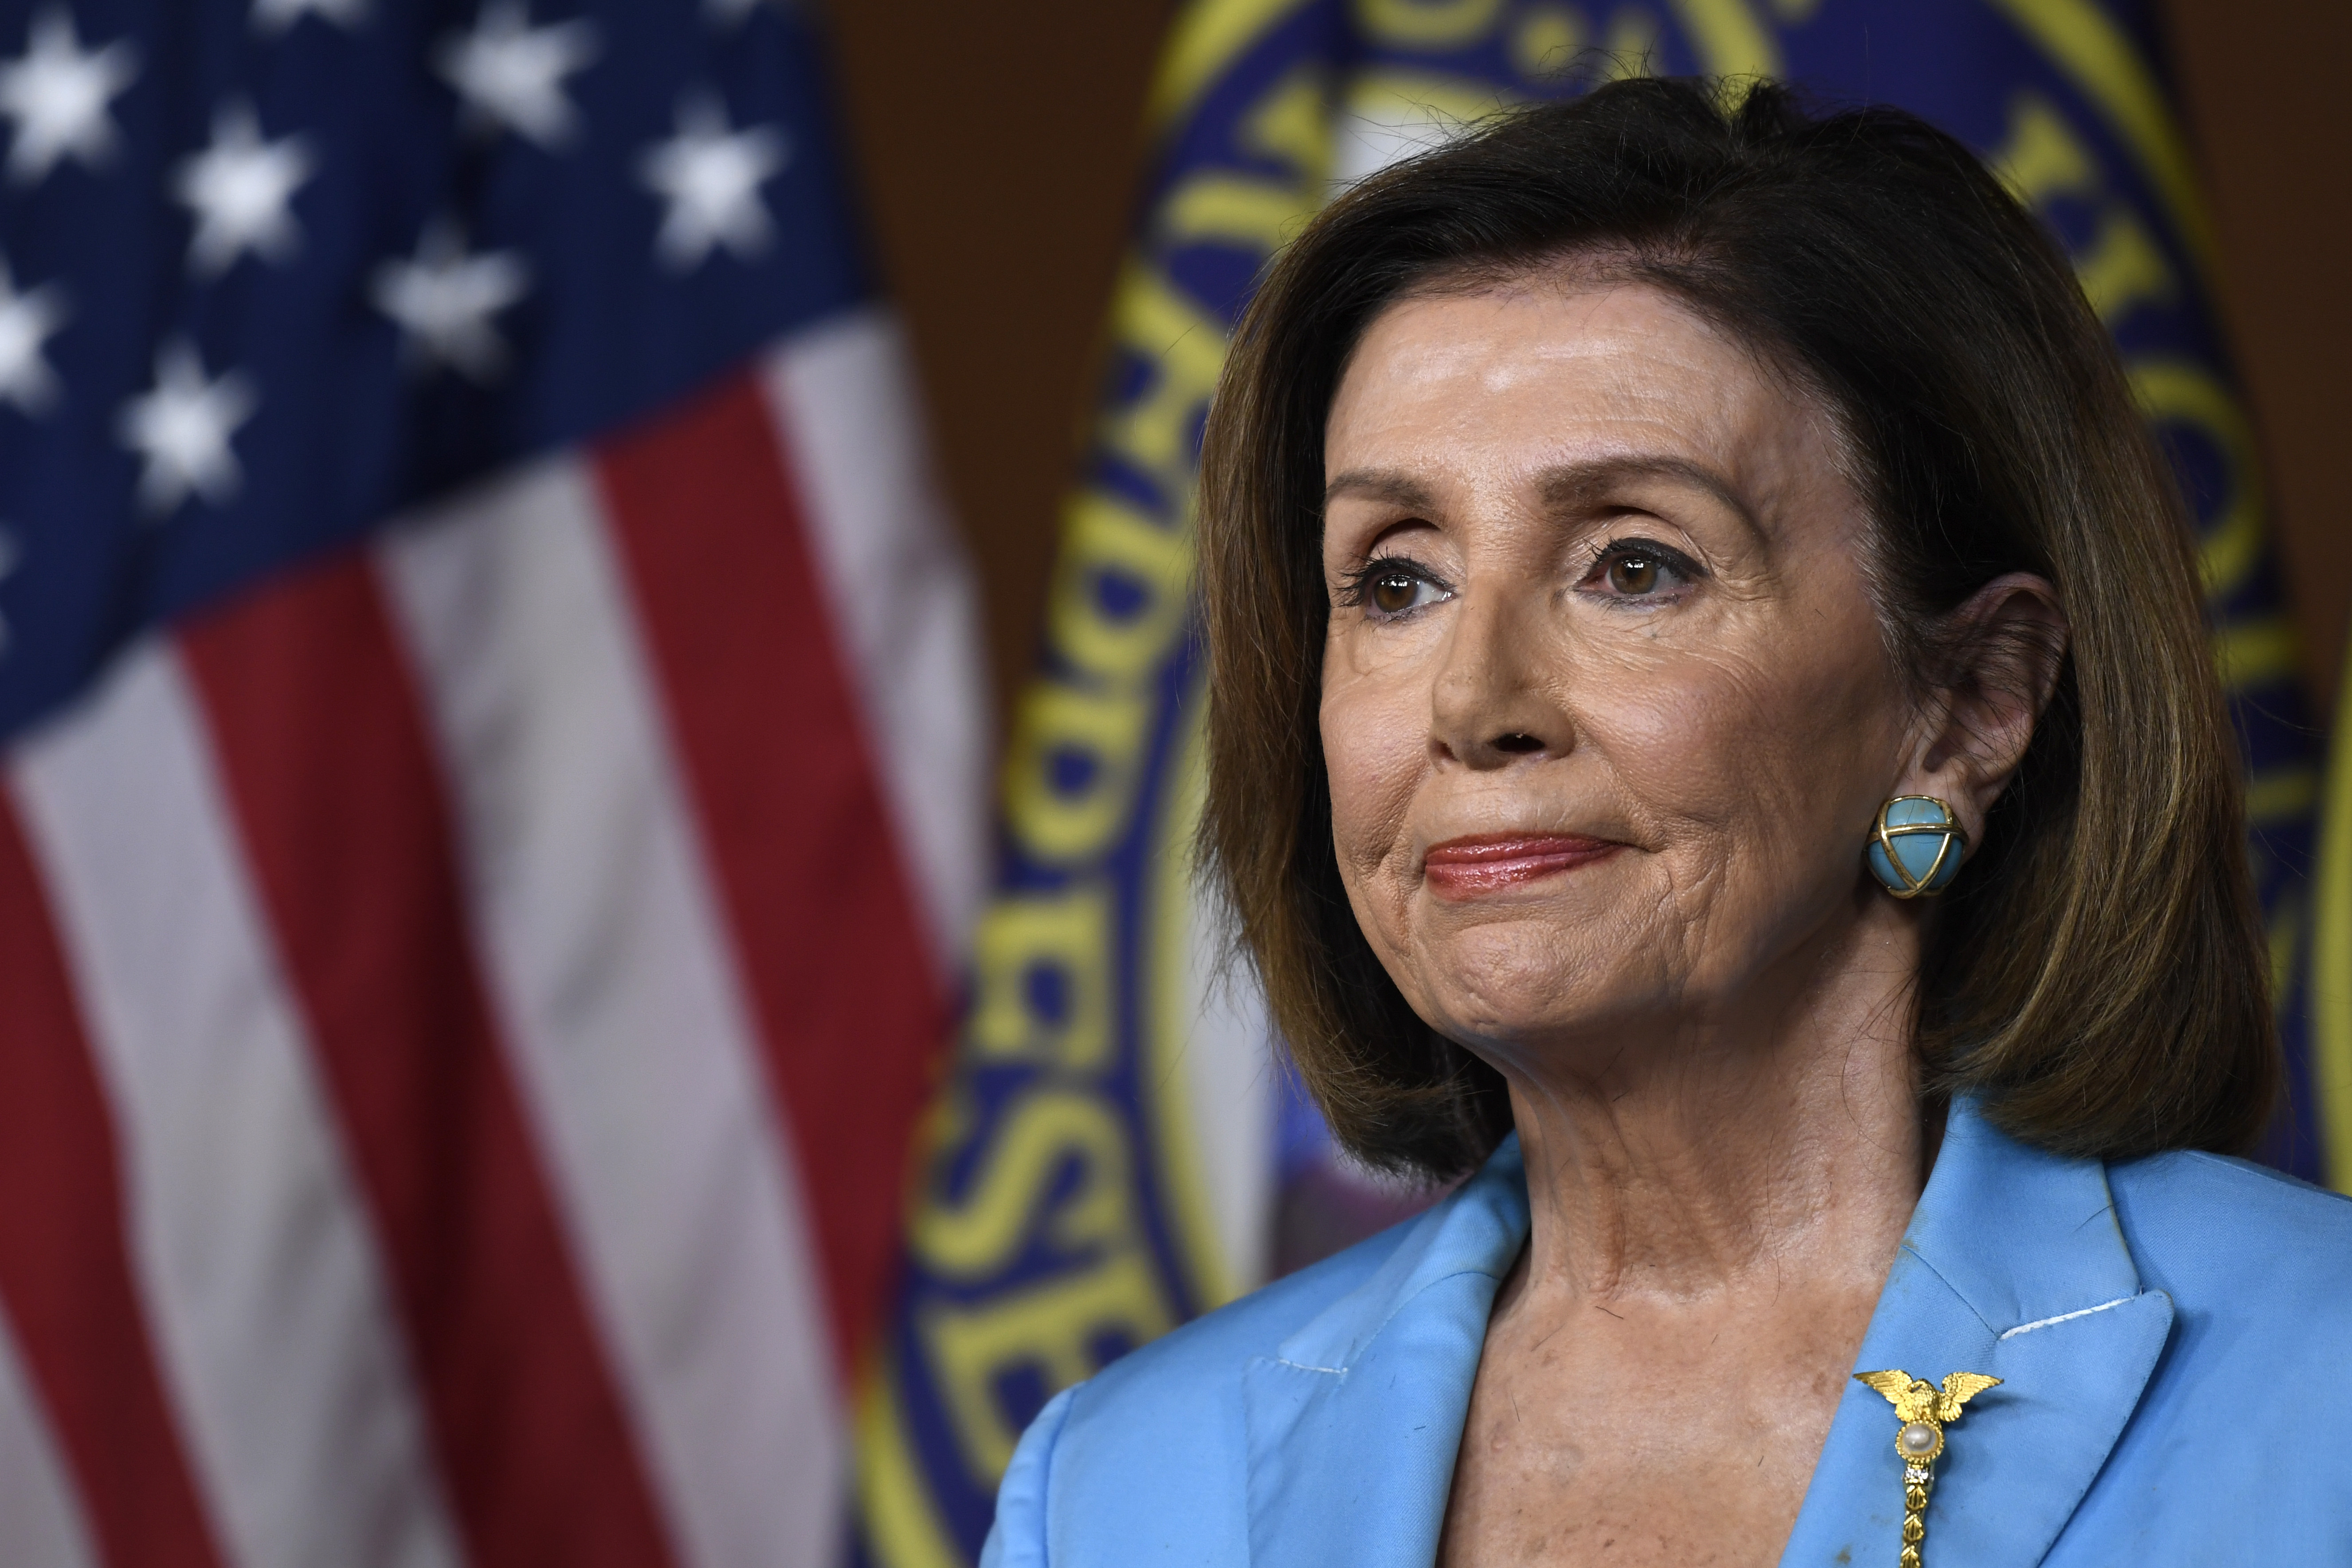 Nancy Pelosi pivots to gun control